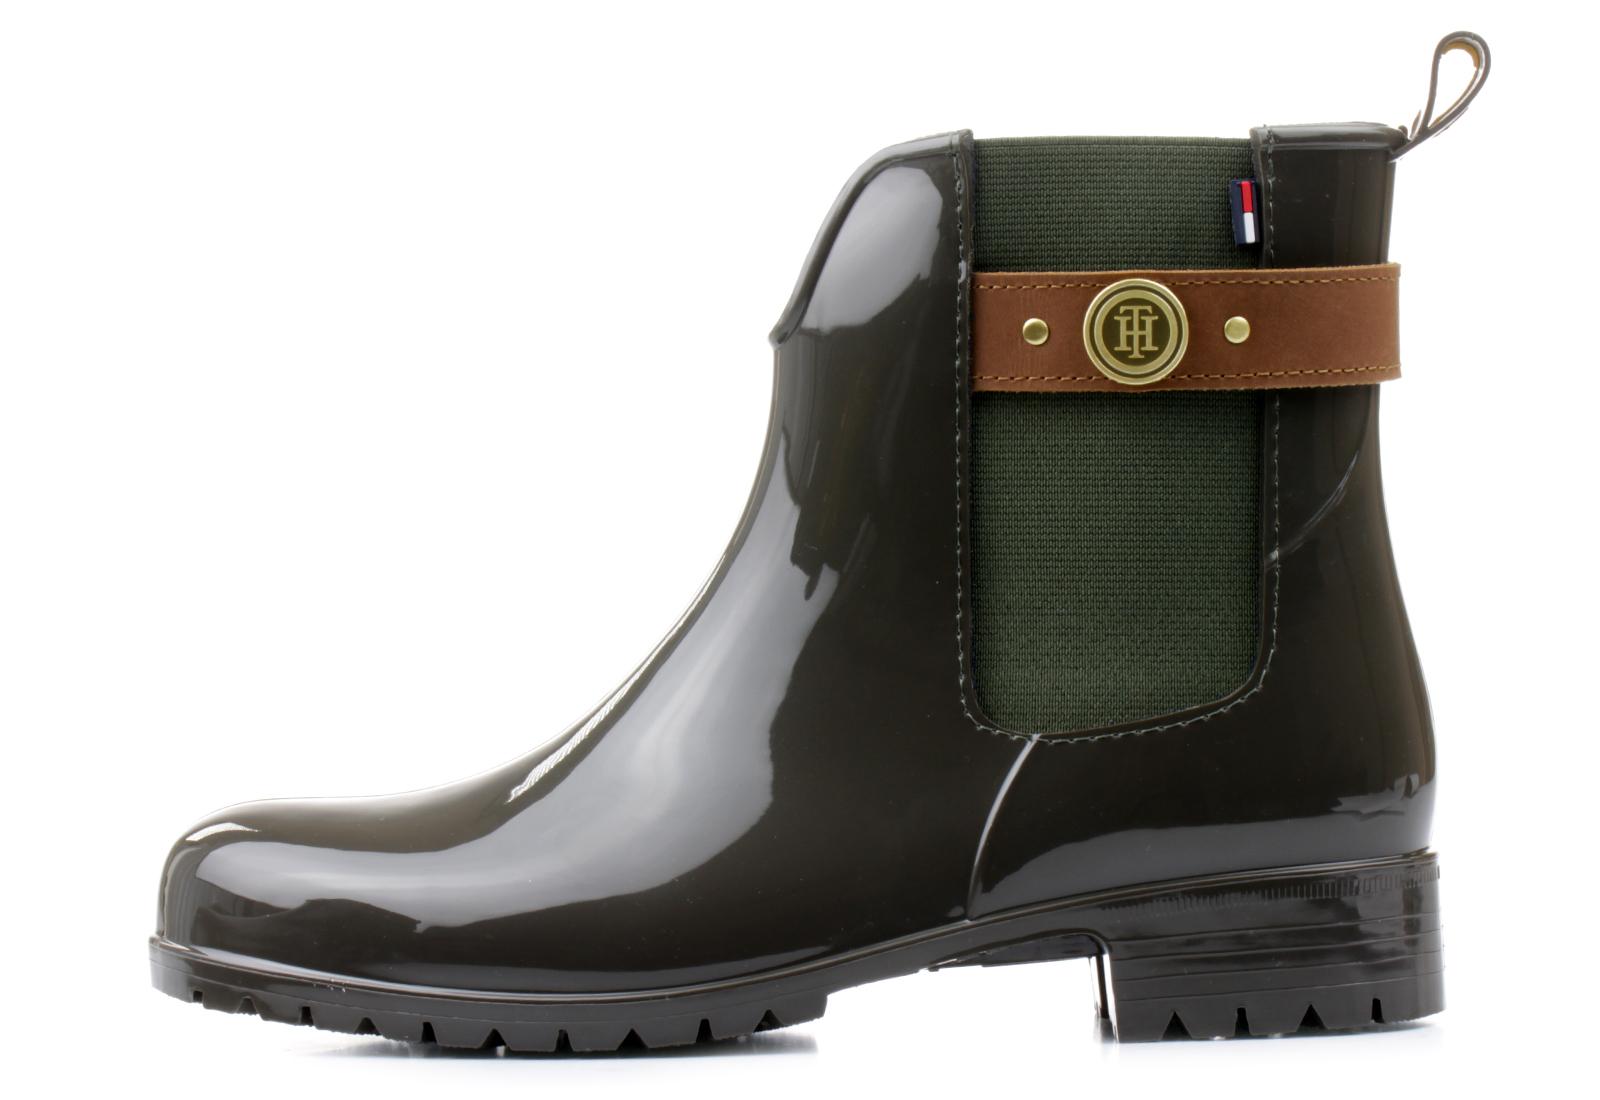 tommy hilfiger boots oxley 13r 17f 1294 901 online. Black Bedroom Furniture Sets. Home Design Ideas